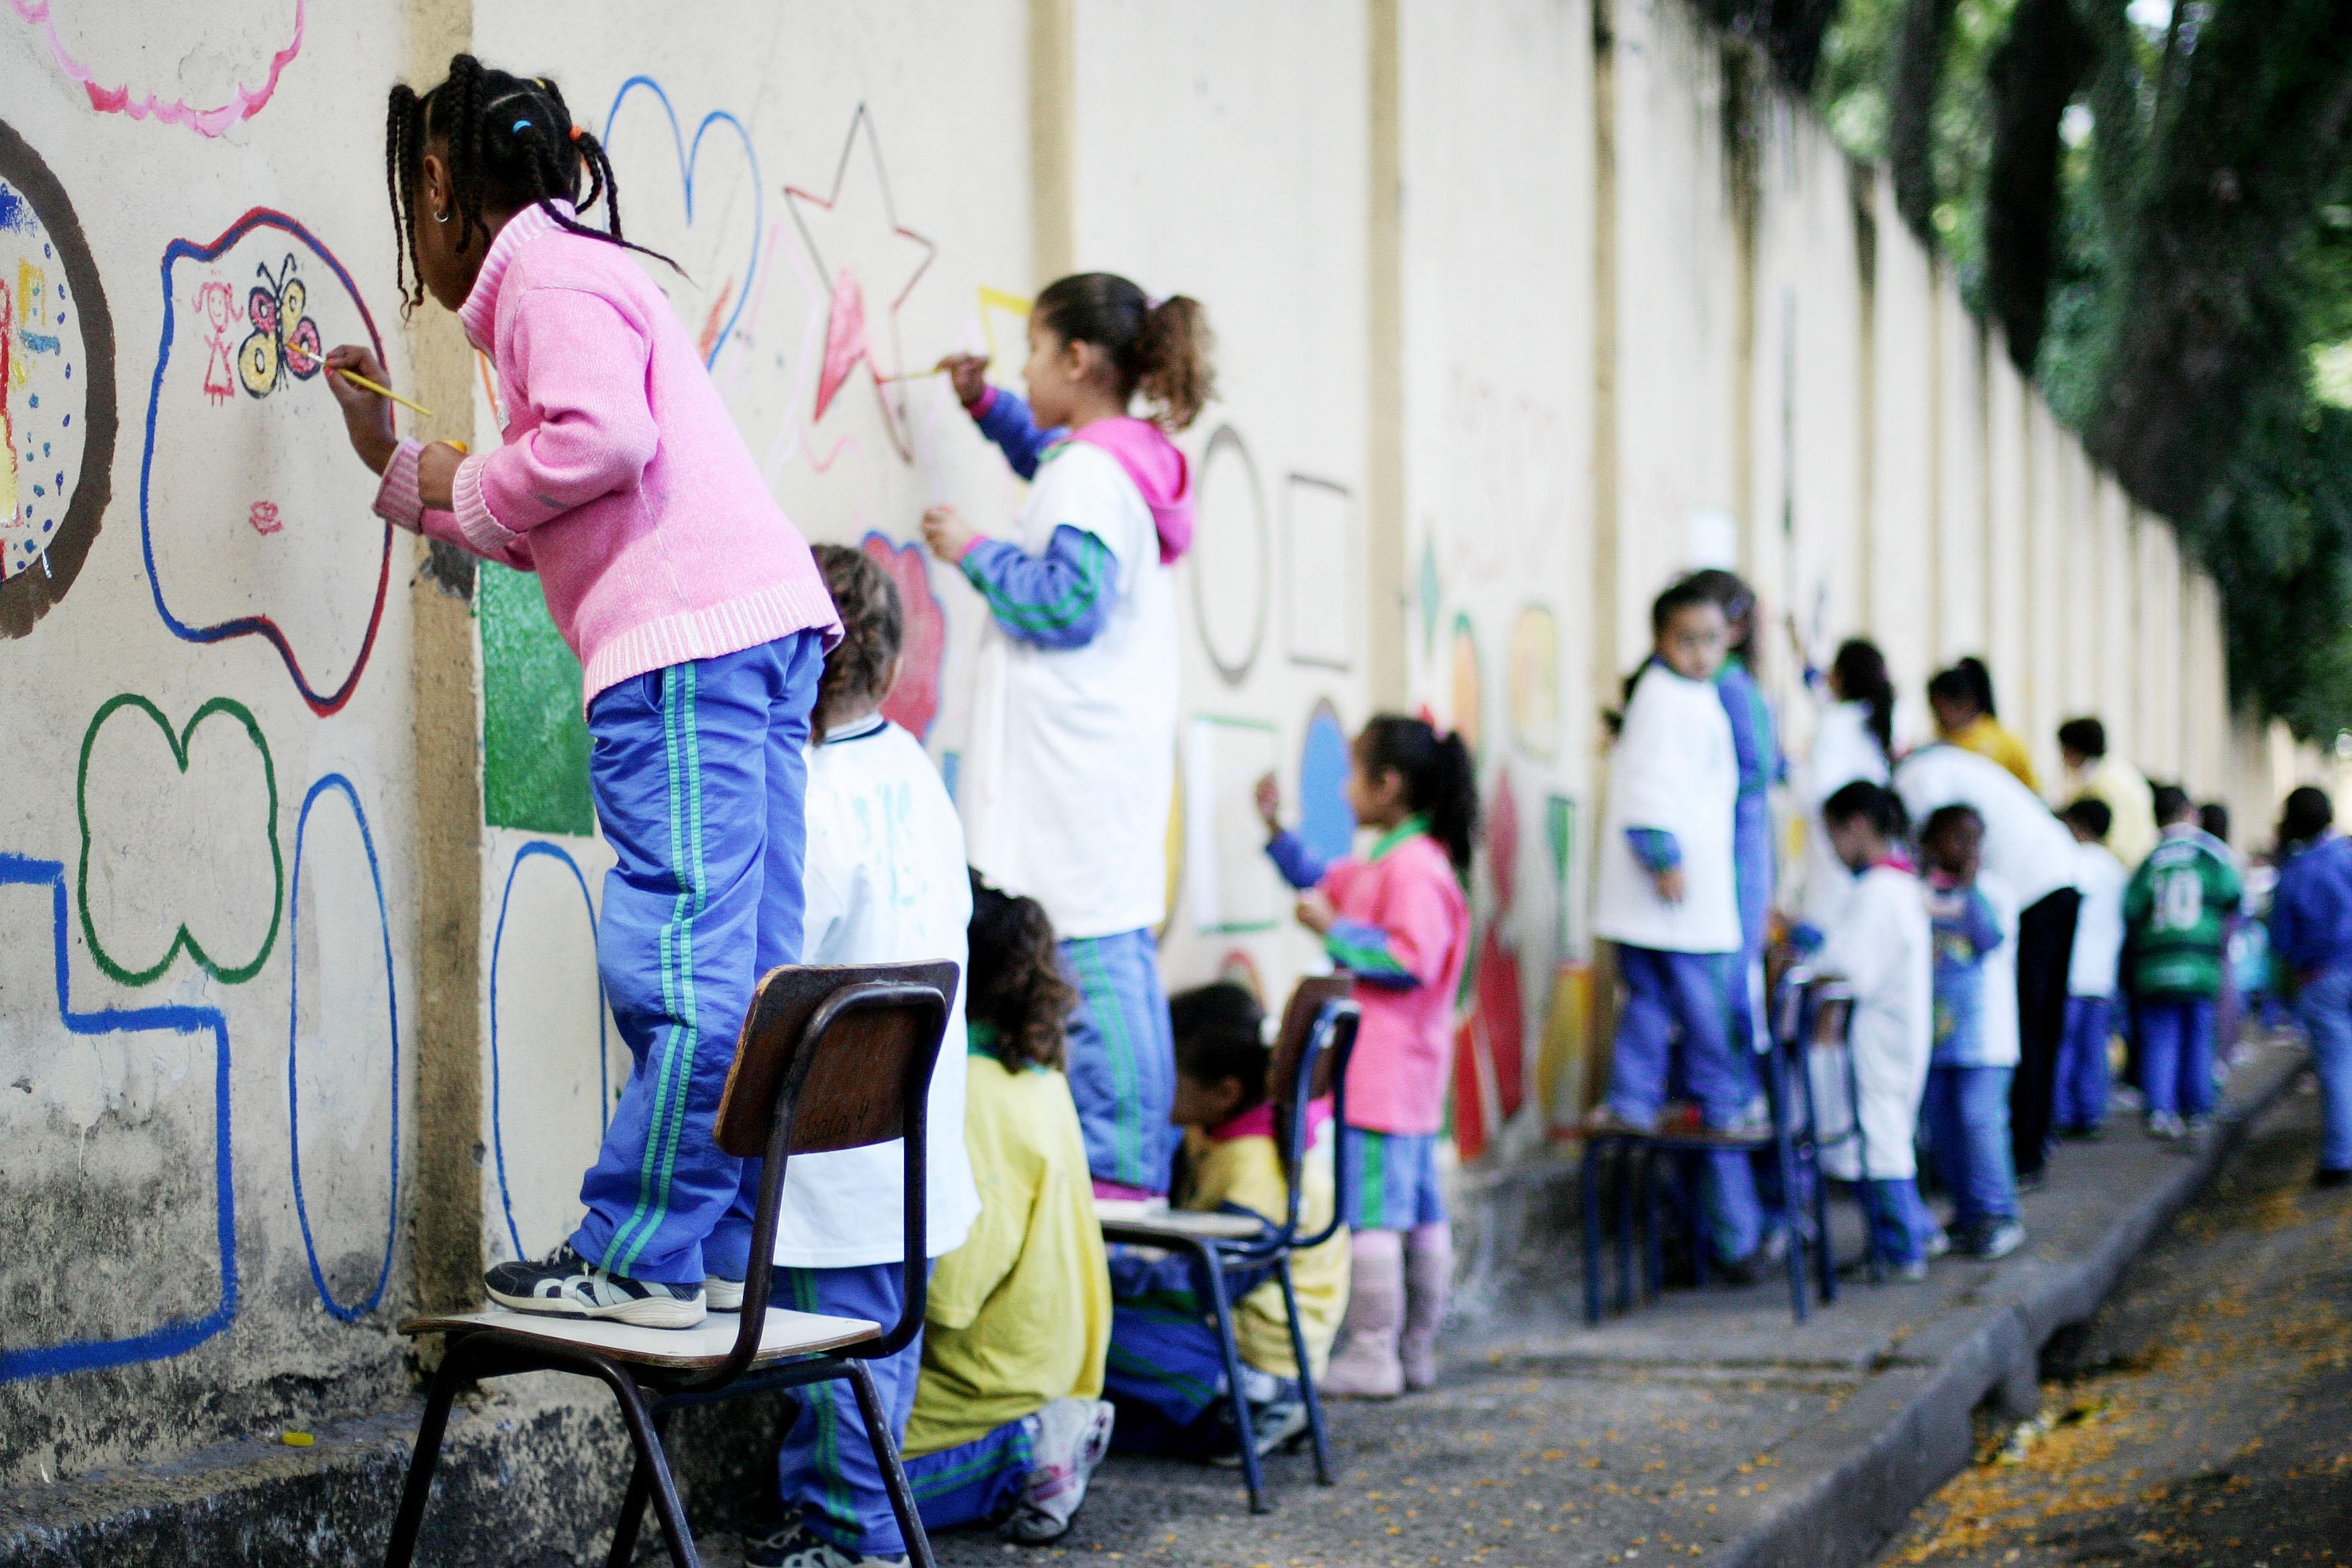 Após 17 anos da lei federal, ensino afro alcança todas as escolas municipais de SP; prática na rede ainda é irregular